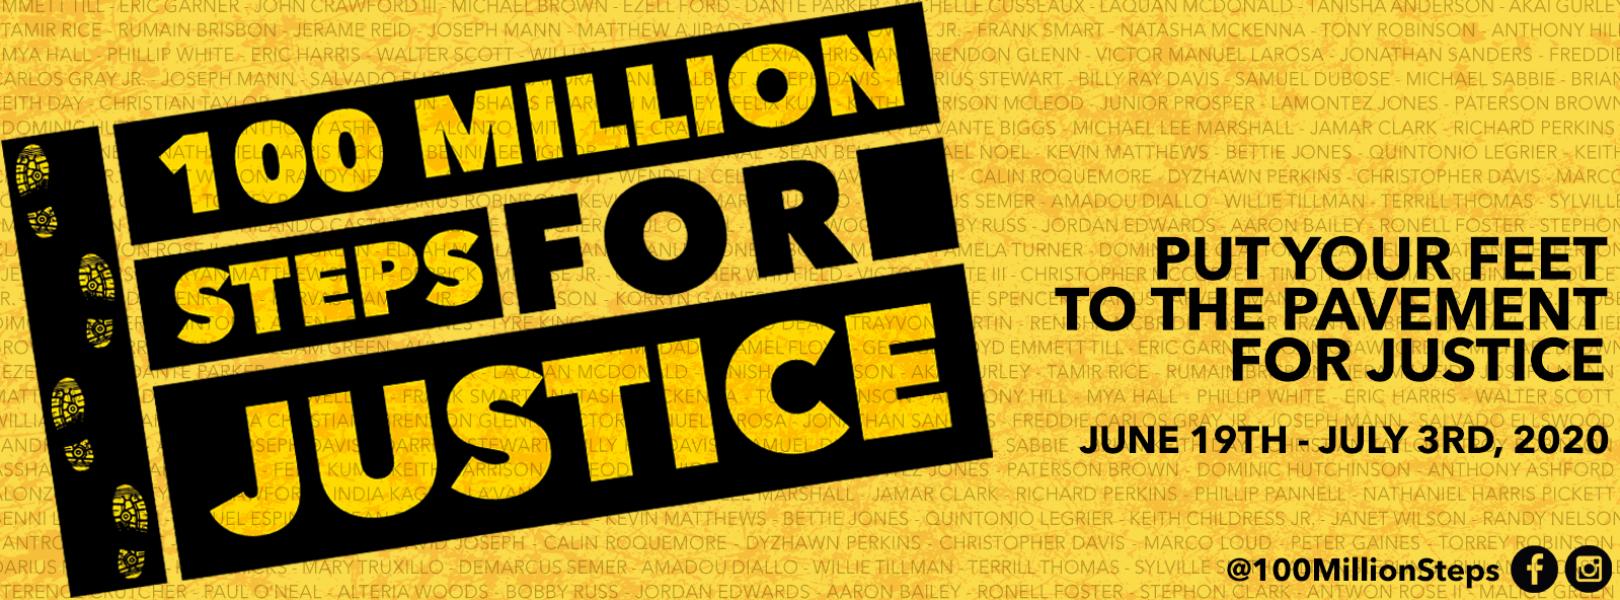 100 Million Steps for Justice